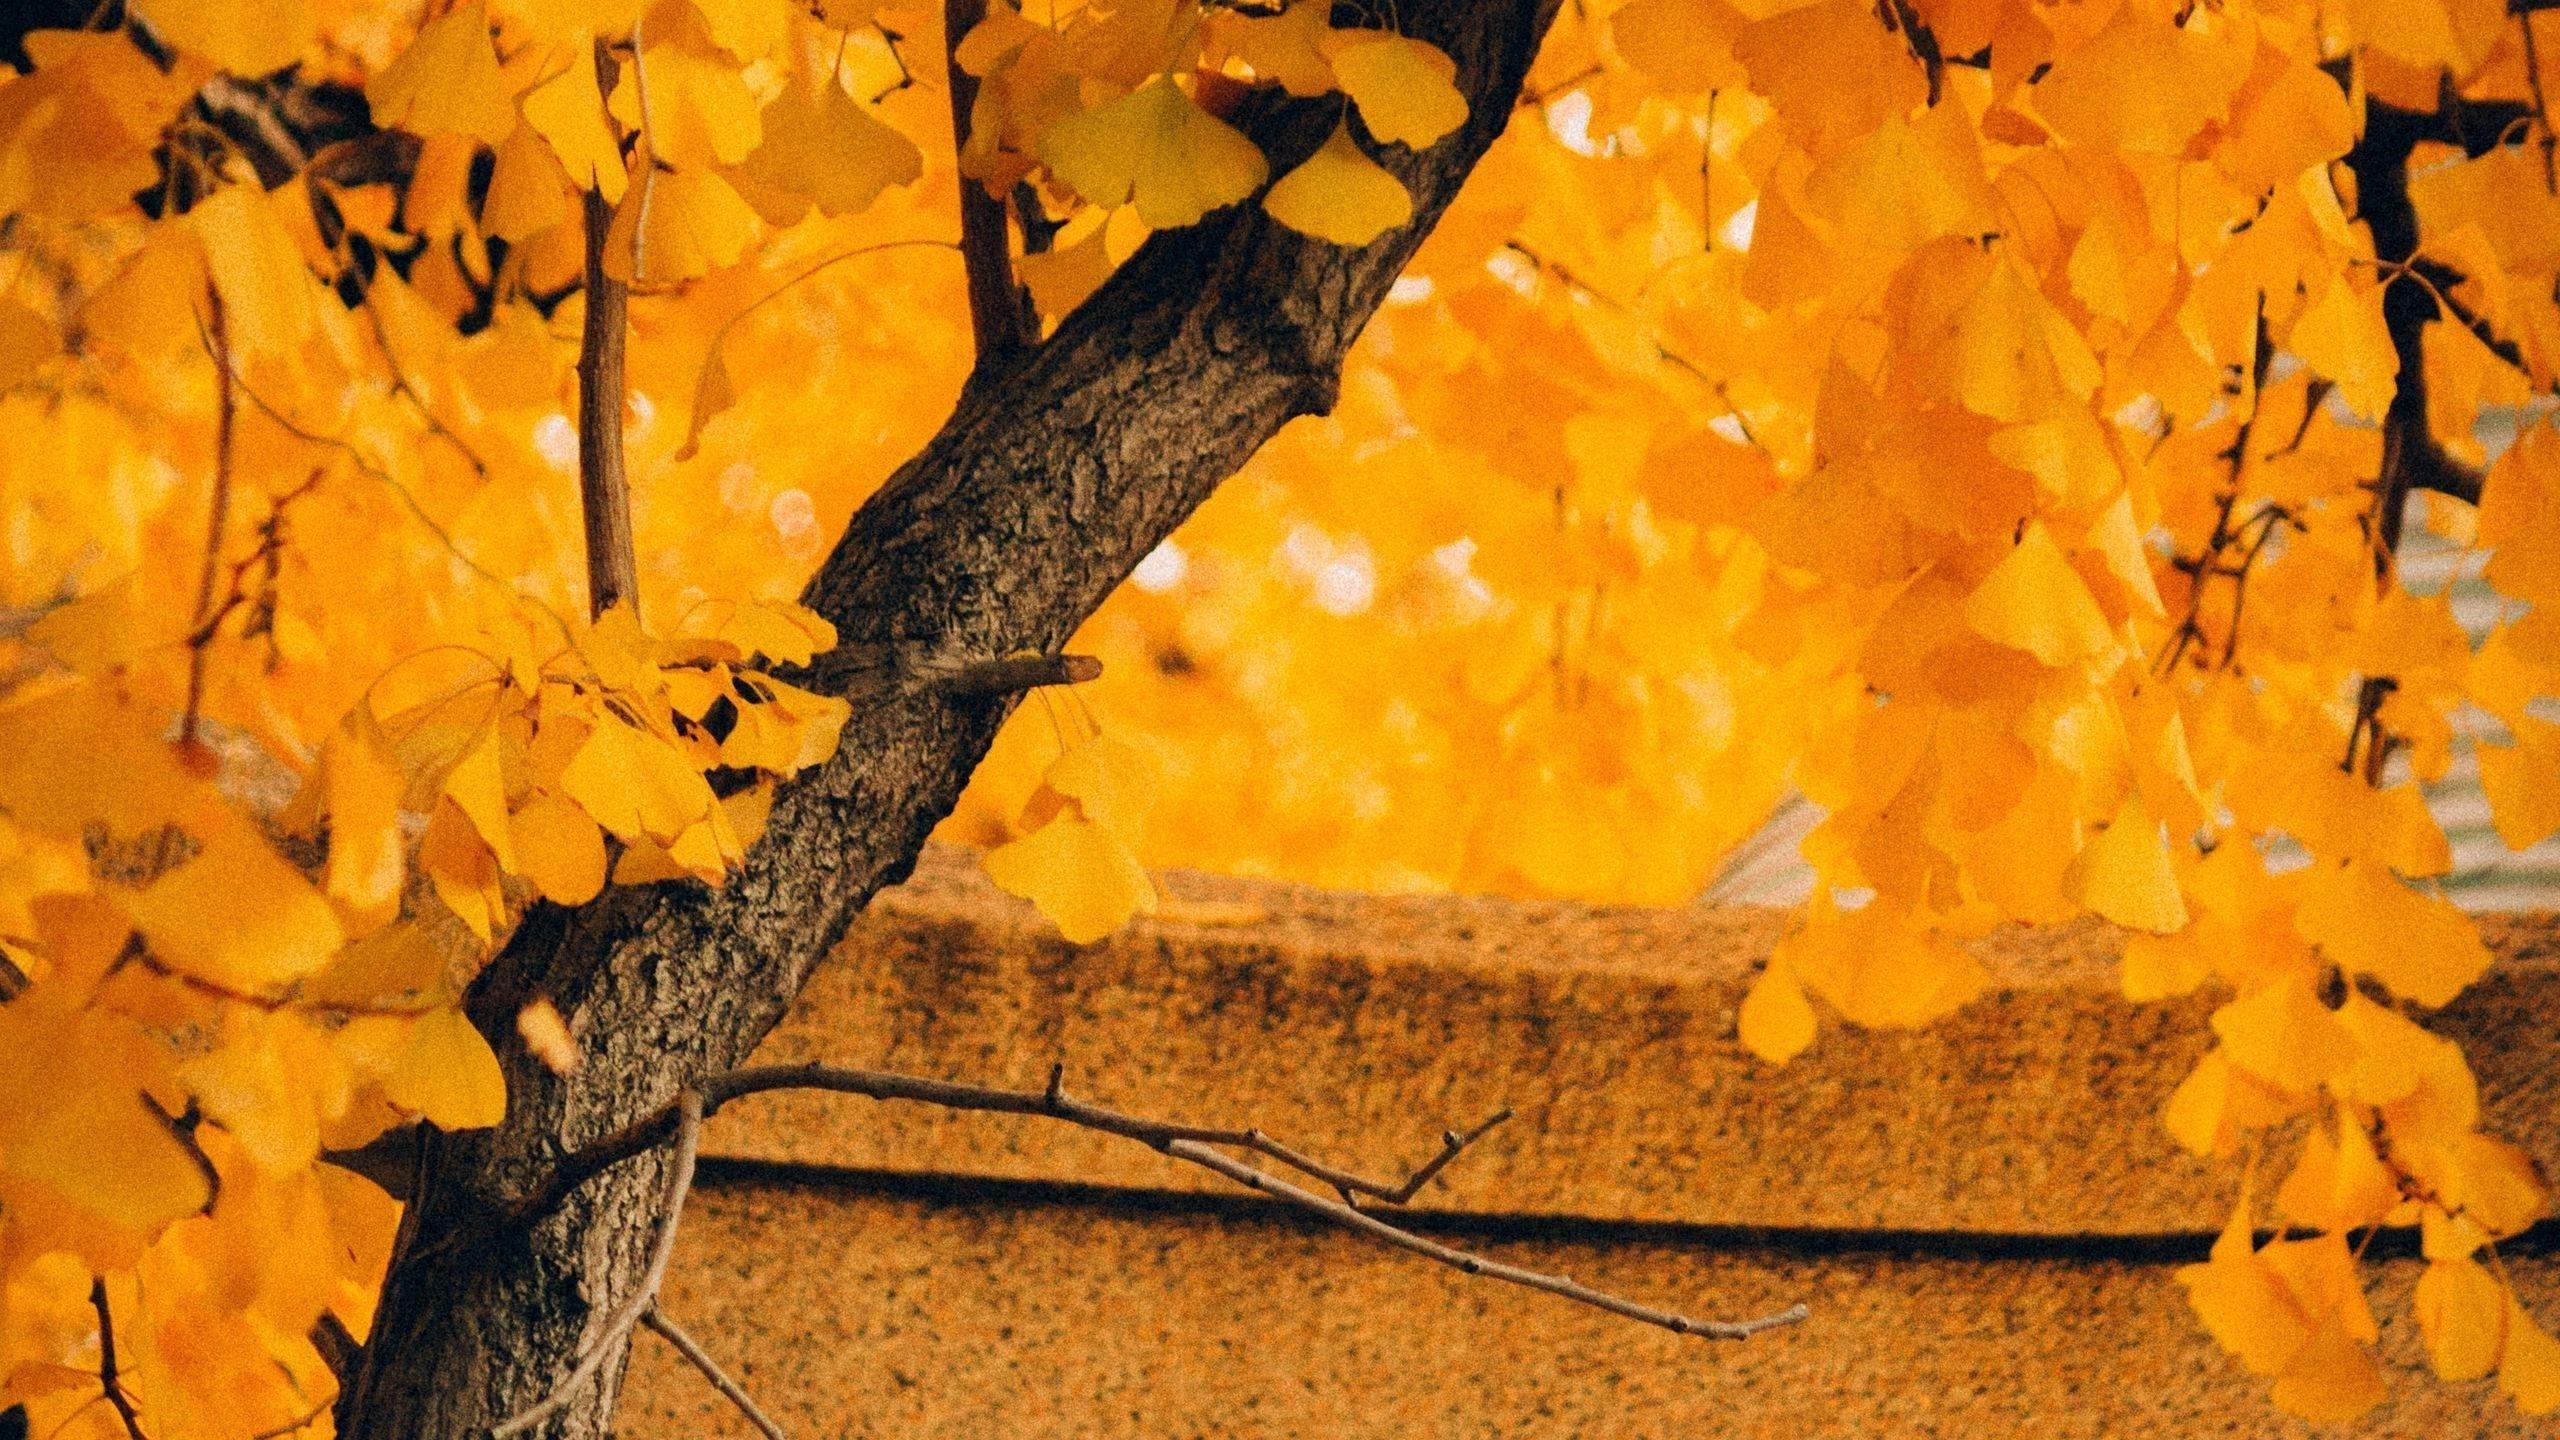 Желтое осеннее листовое дерево в размытом желтом фоне листьев природа обои скачать